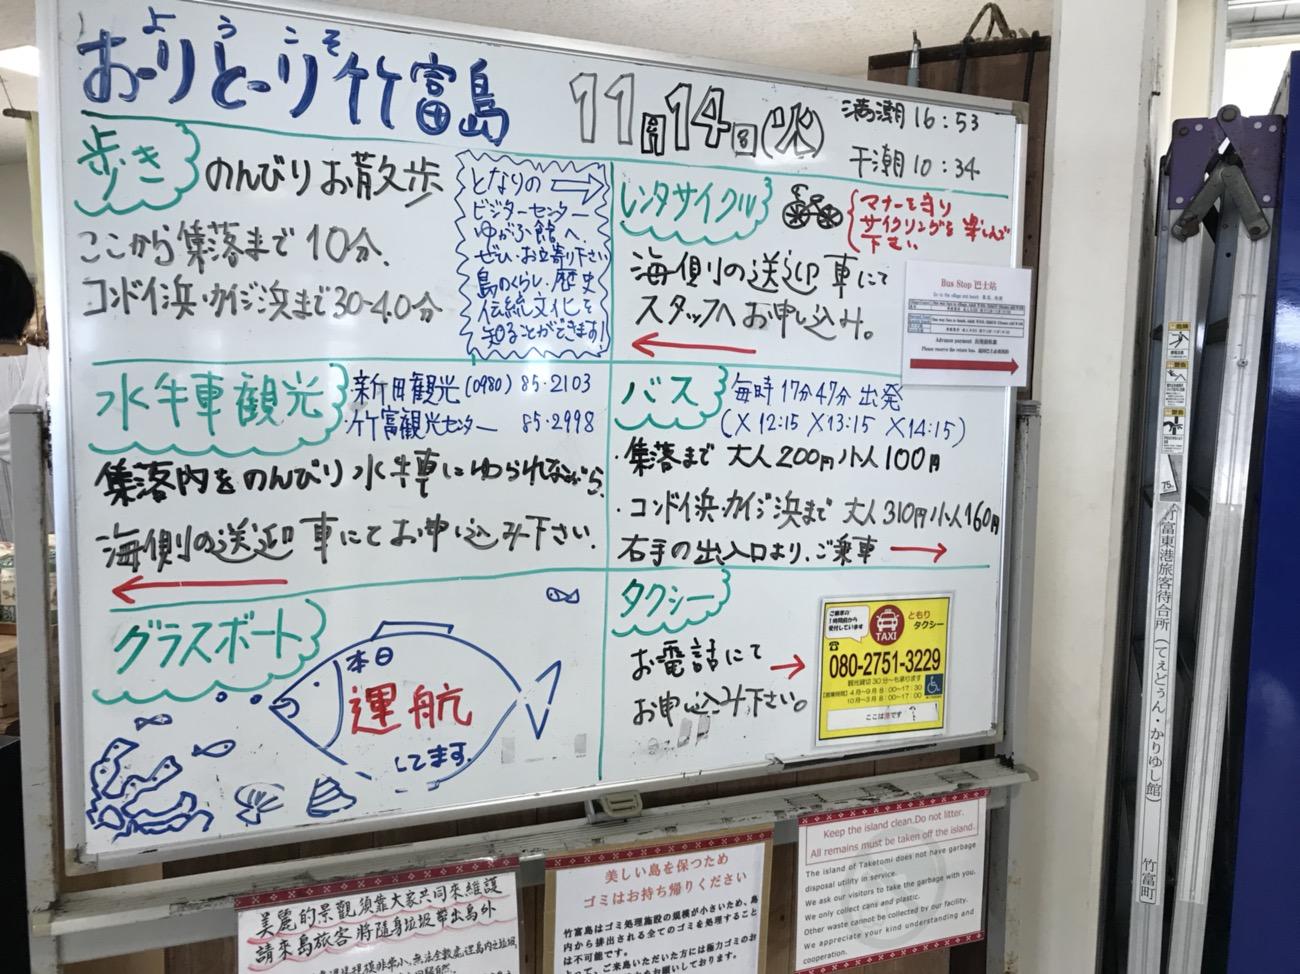 竹富島ターミナルにある竹富島観光情報